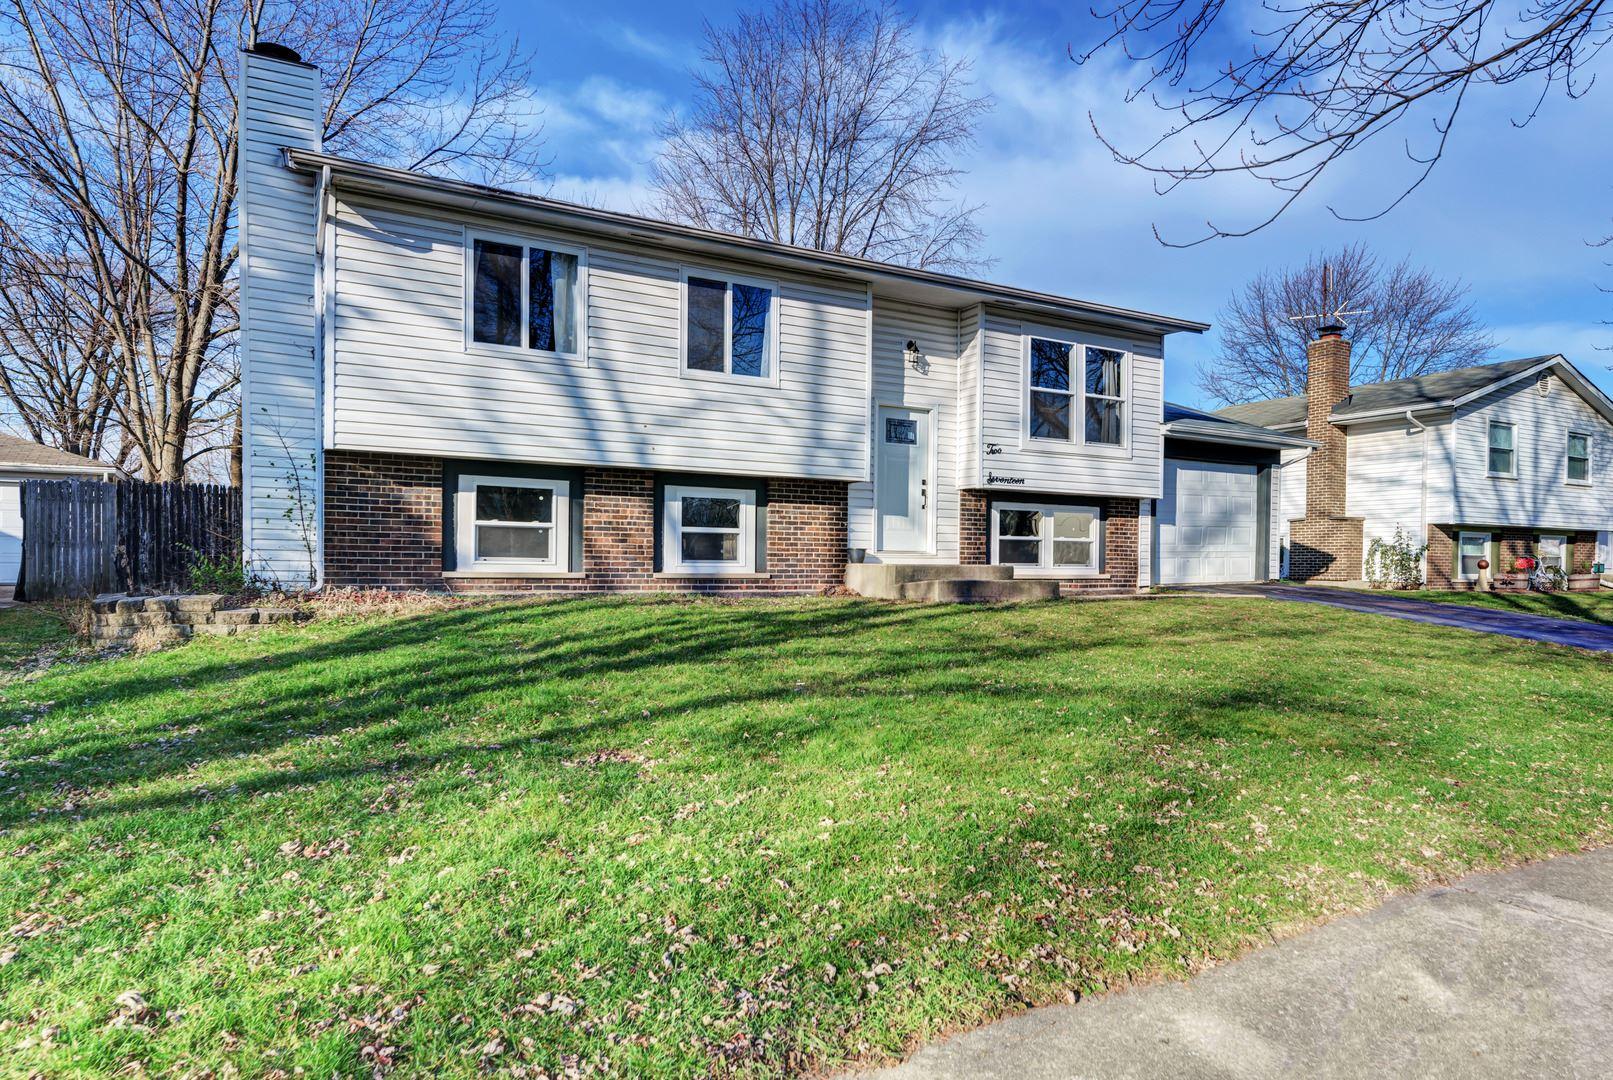 Photo of 217 Butternut Drive, Bolingbrook, IL 60440 (MLS # 10946552)